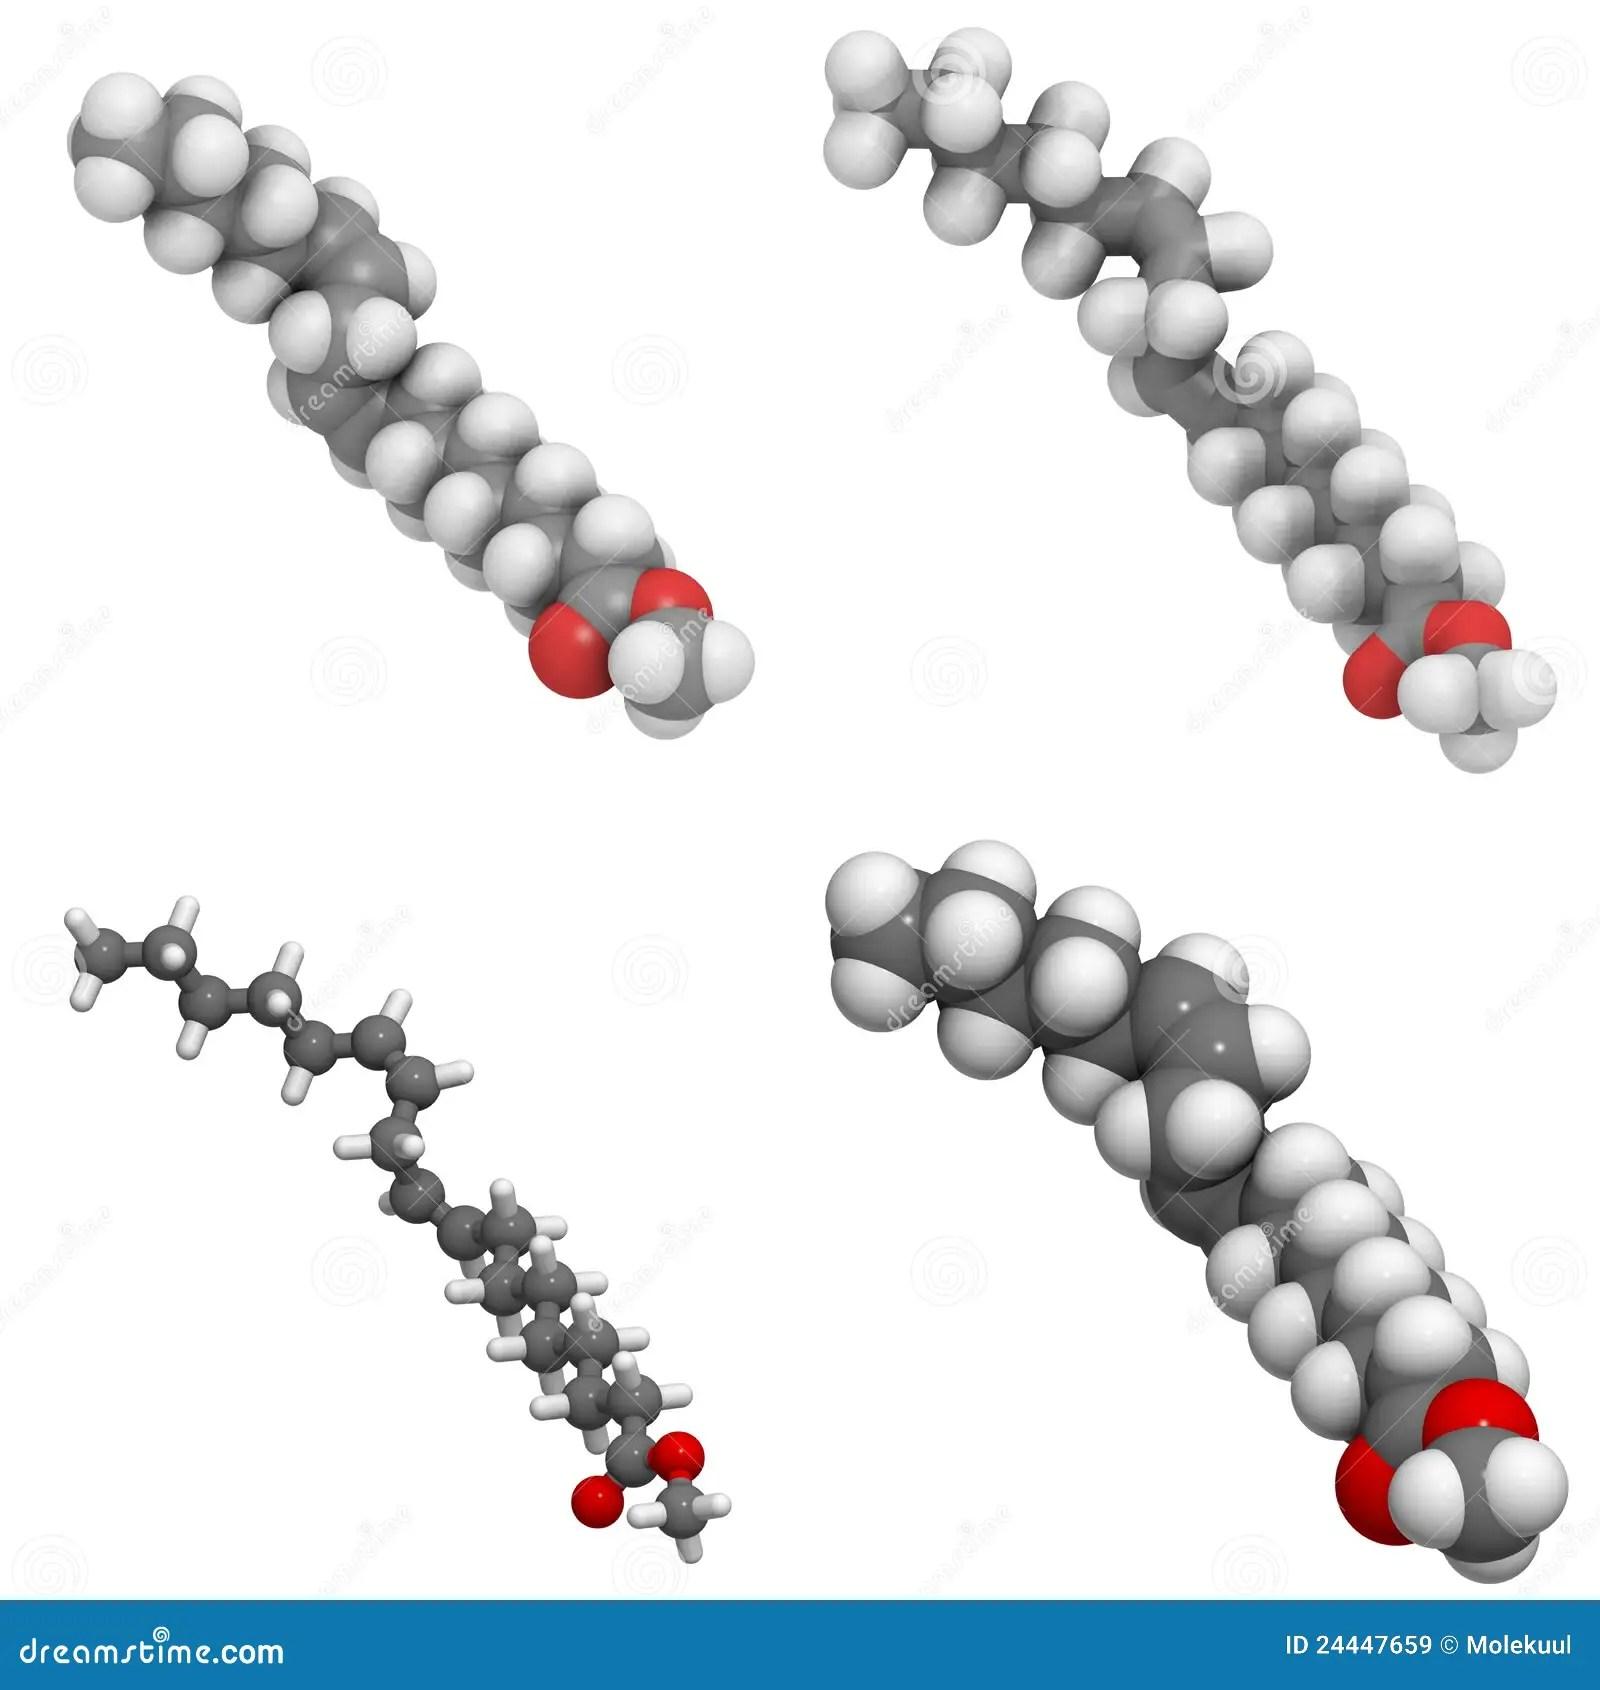 Methyl Lineolate (biodiesel) Molecule Royalty Free Stock